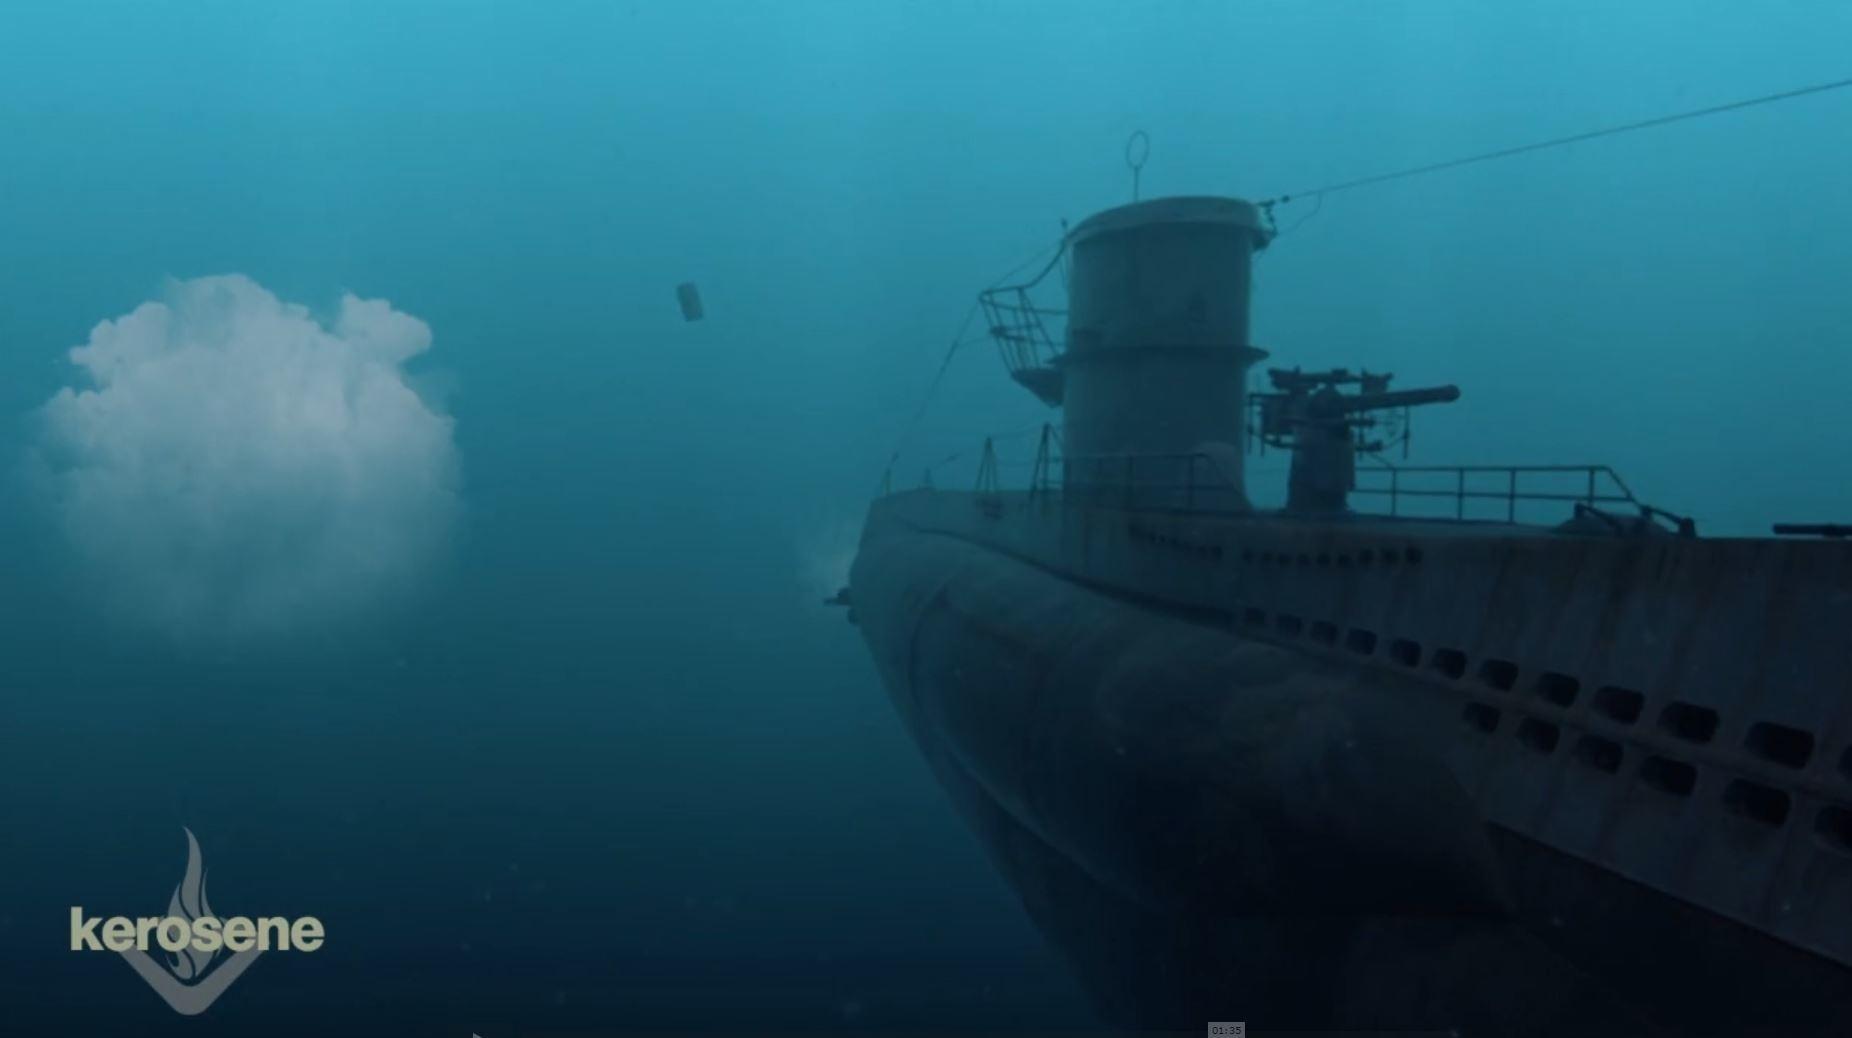 Marie sanginesi uboat footage02